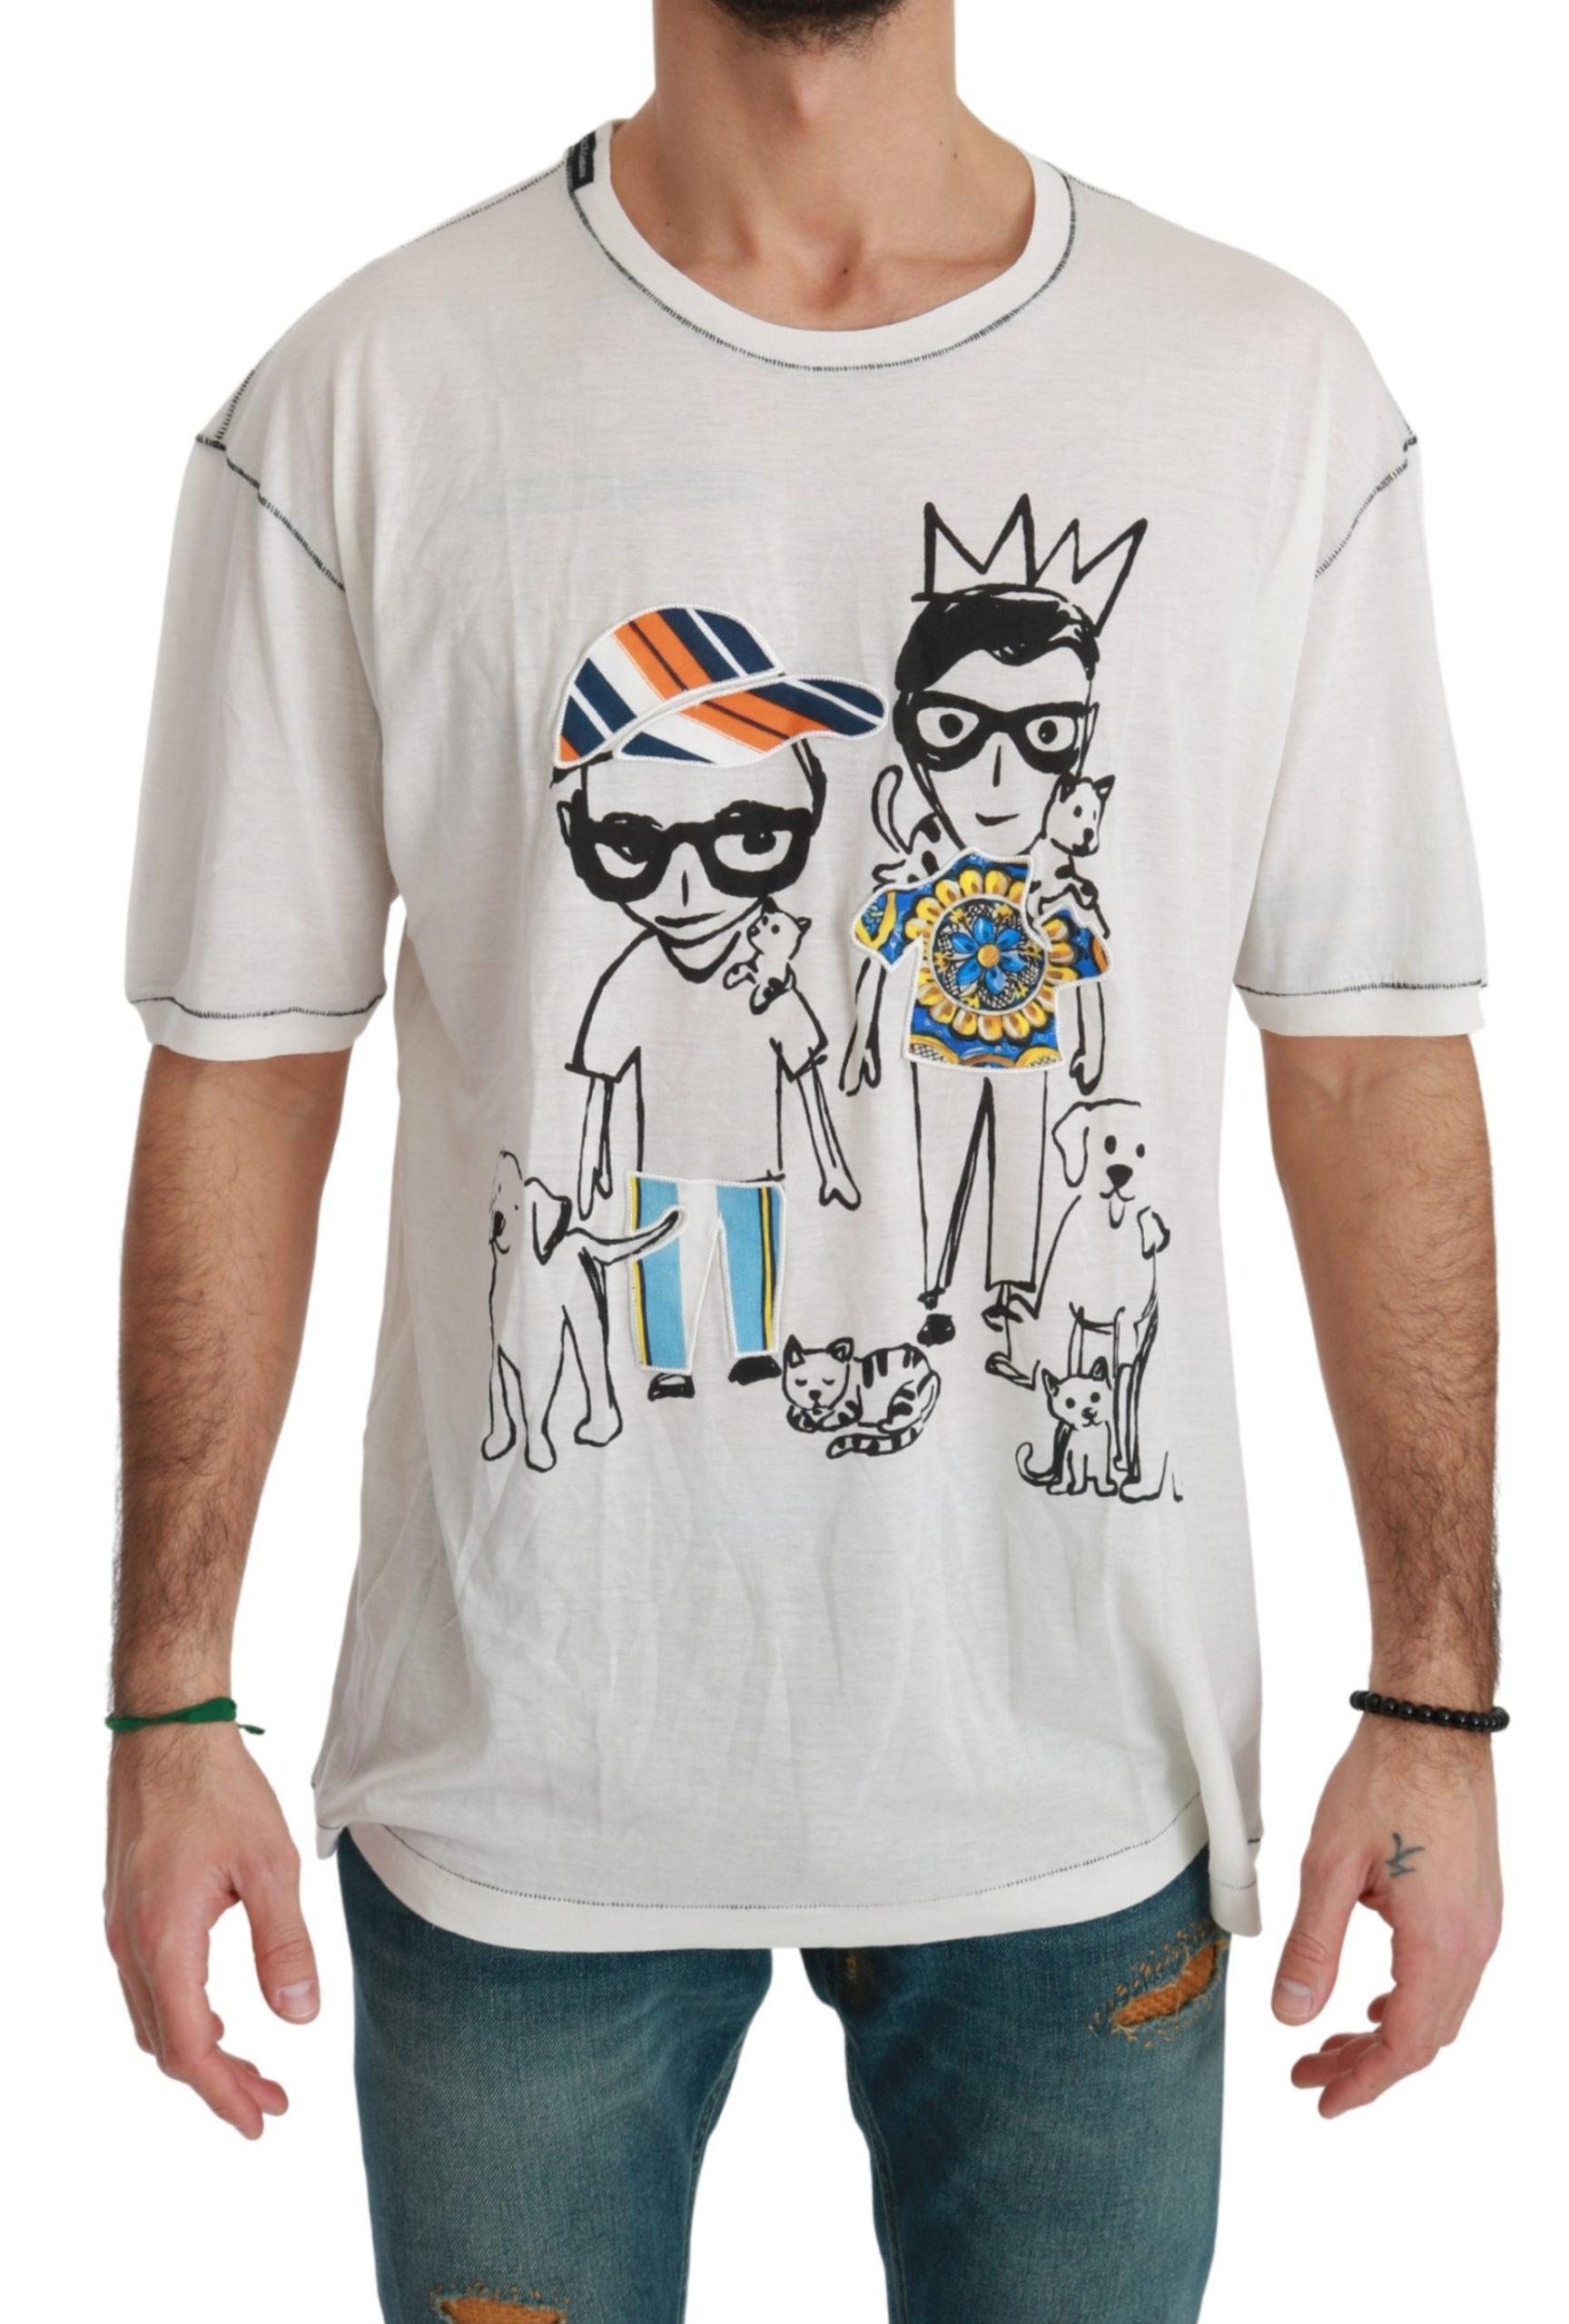 Dolce & Gabbana Men's Print Cotton T-Shirt White TSH4510 - IT50   L